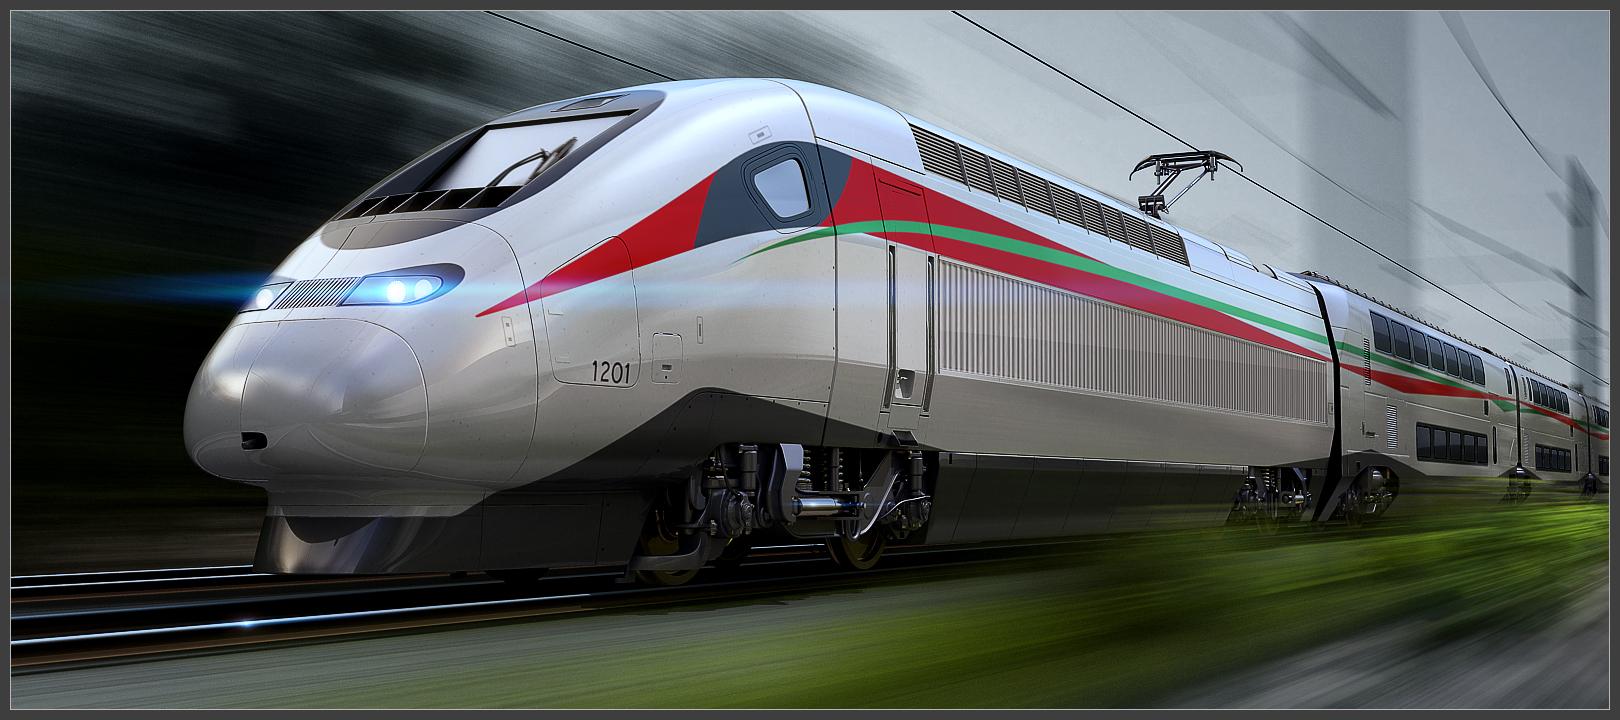 الملك محمد السادس يُطلق اسم 'البُراق' على قطار التيجيفي المغربي